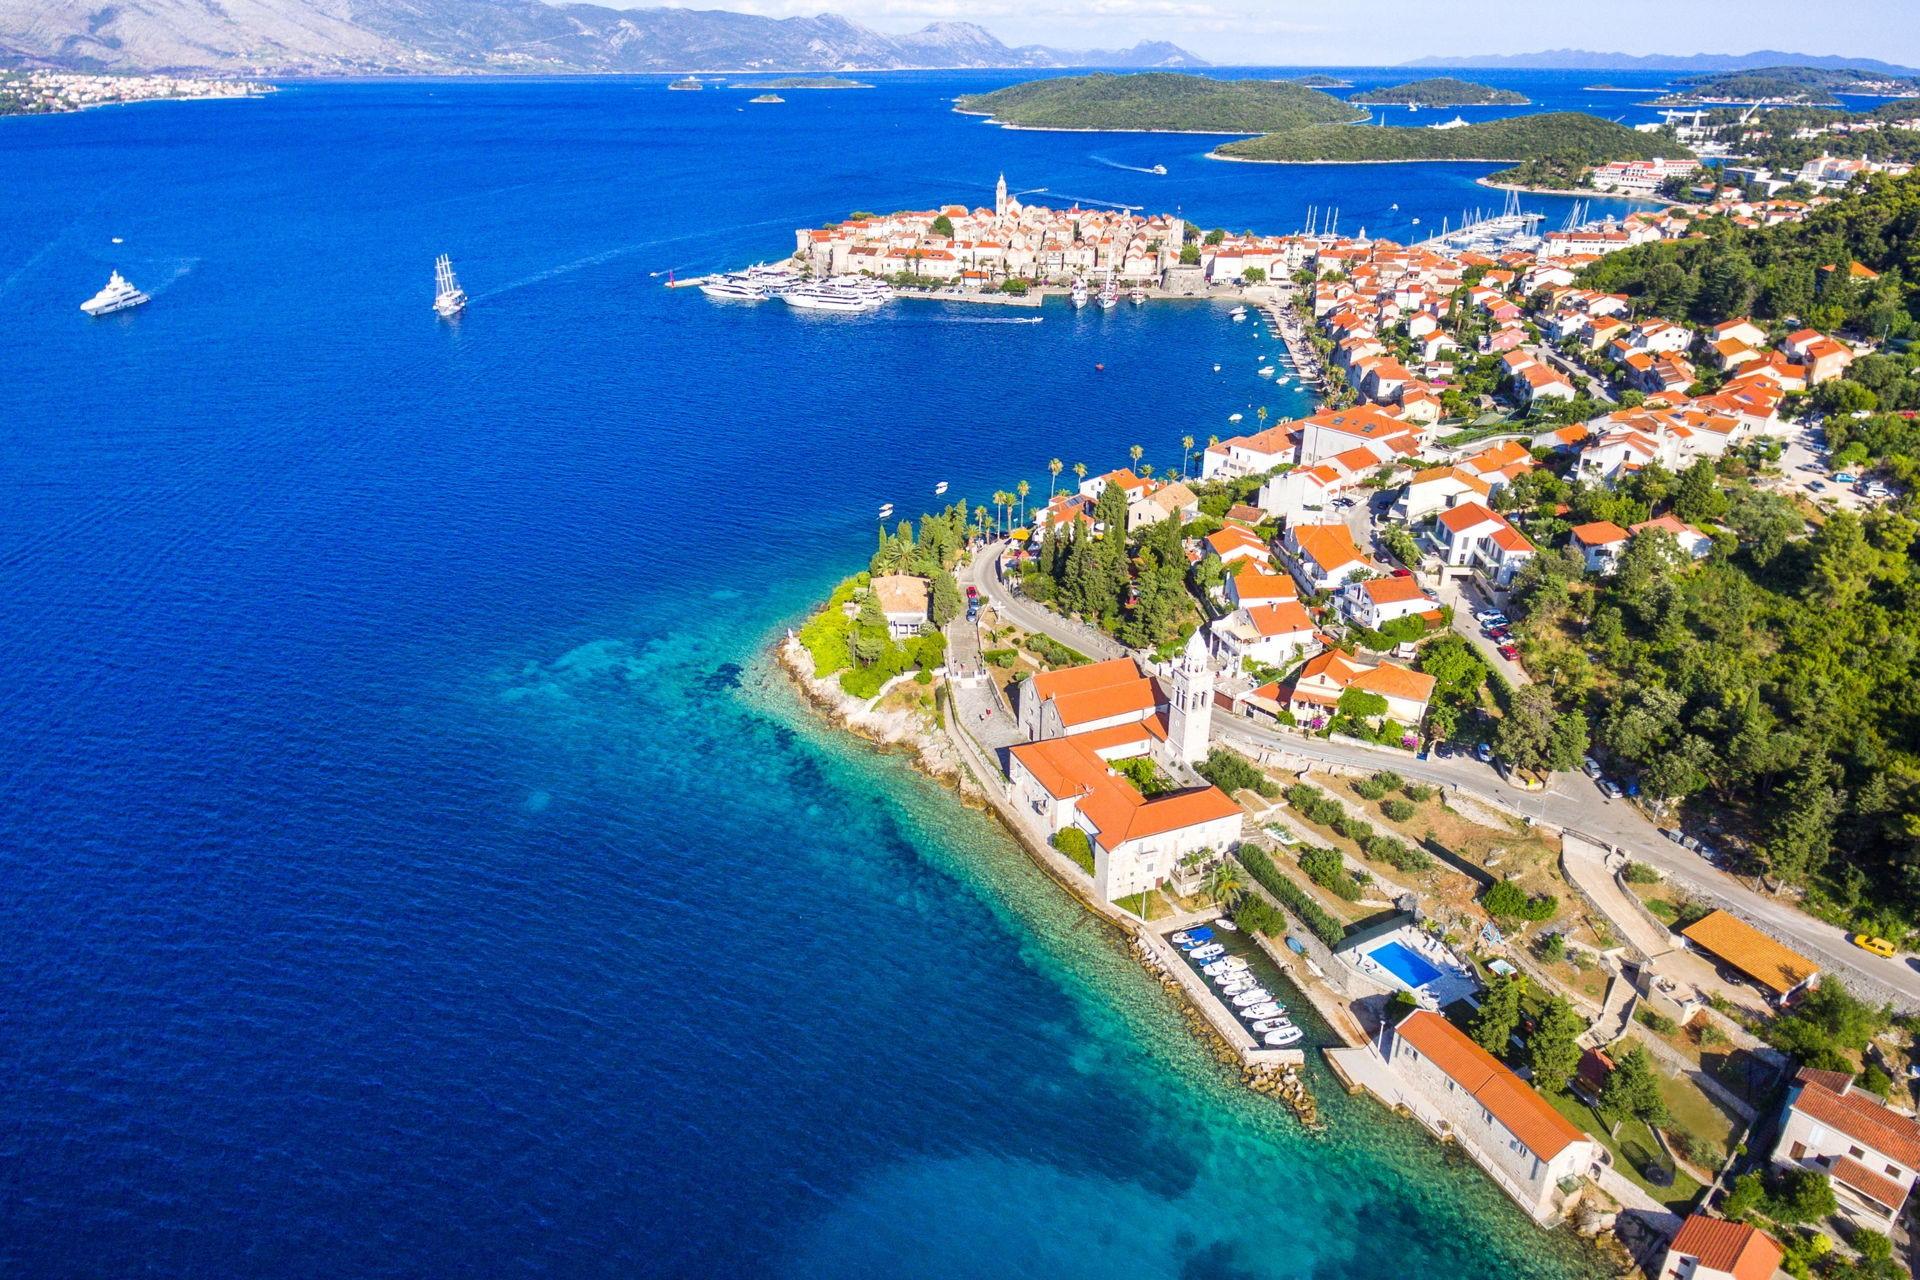 Insel Korcula aus der Luft